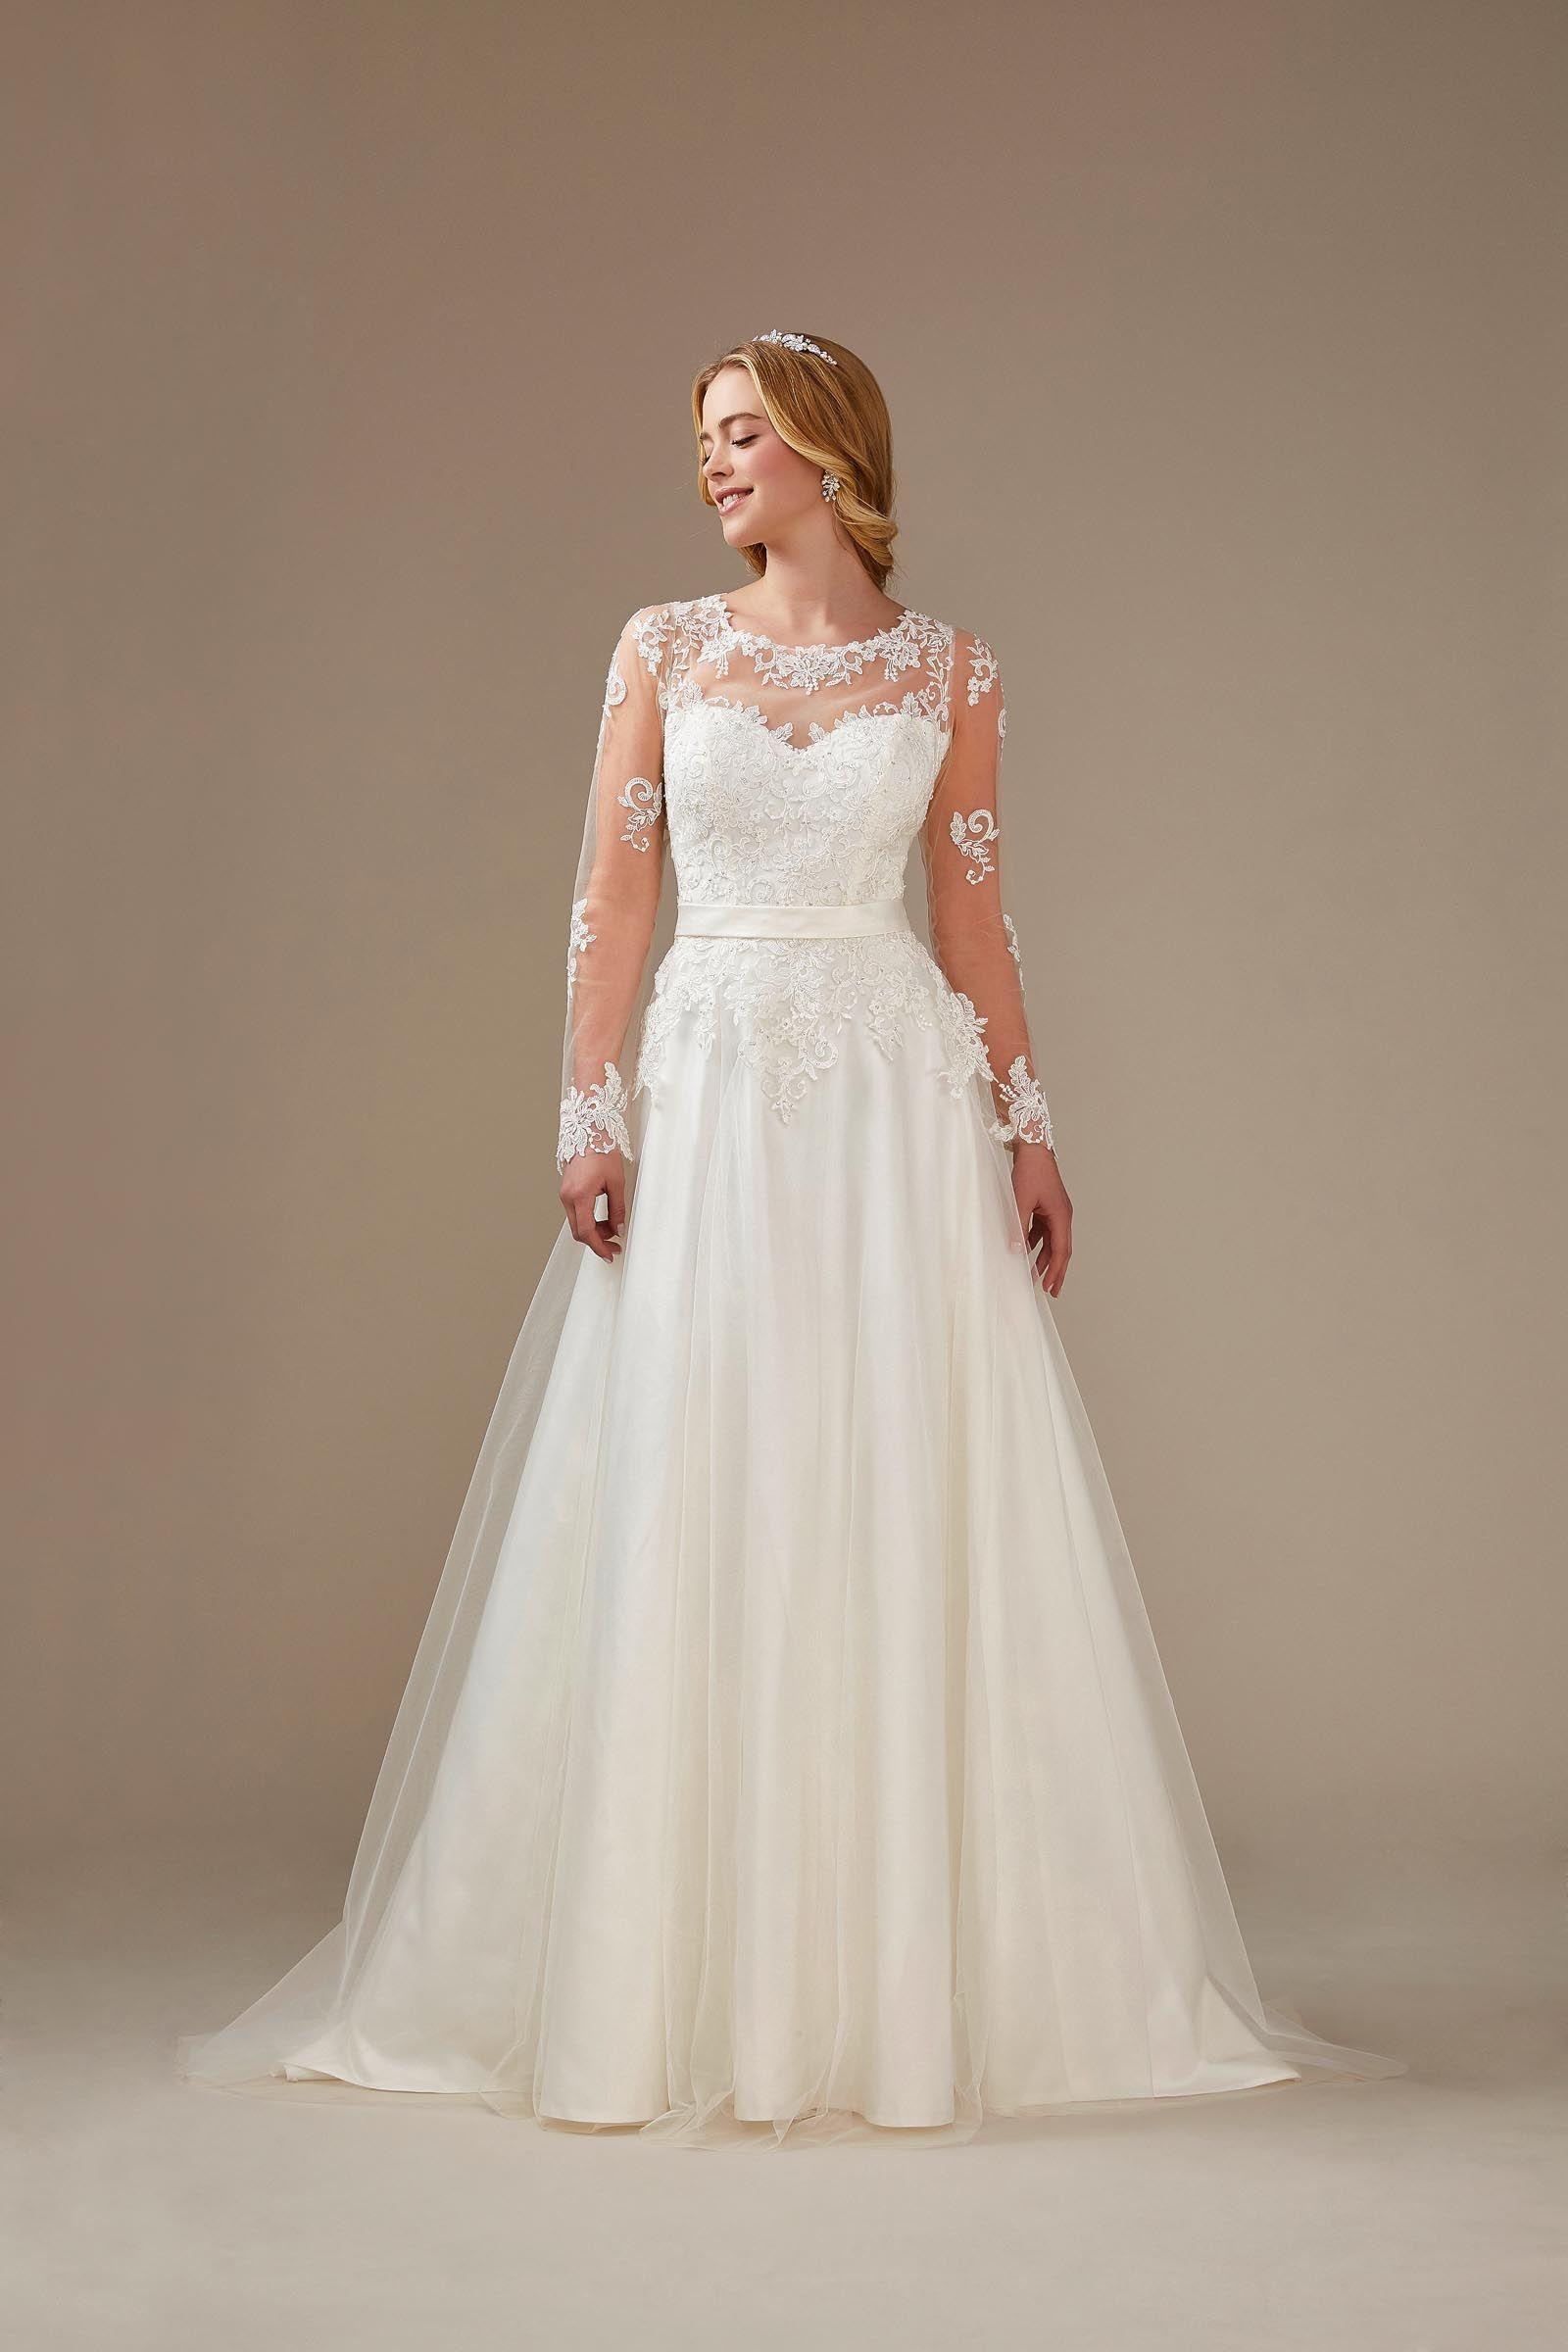 A-Linien-Brautkleid mit langen Ärmeln, Spitze und elegantem Rücken